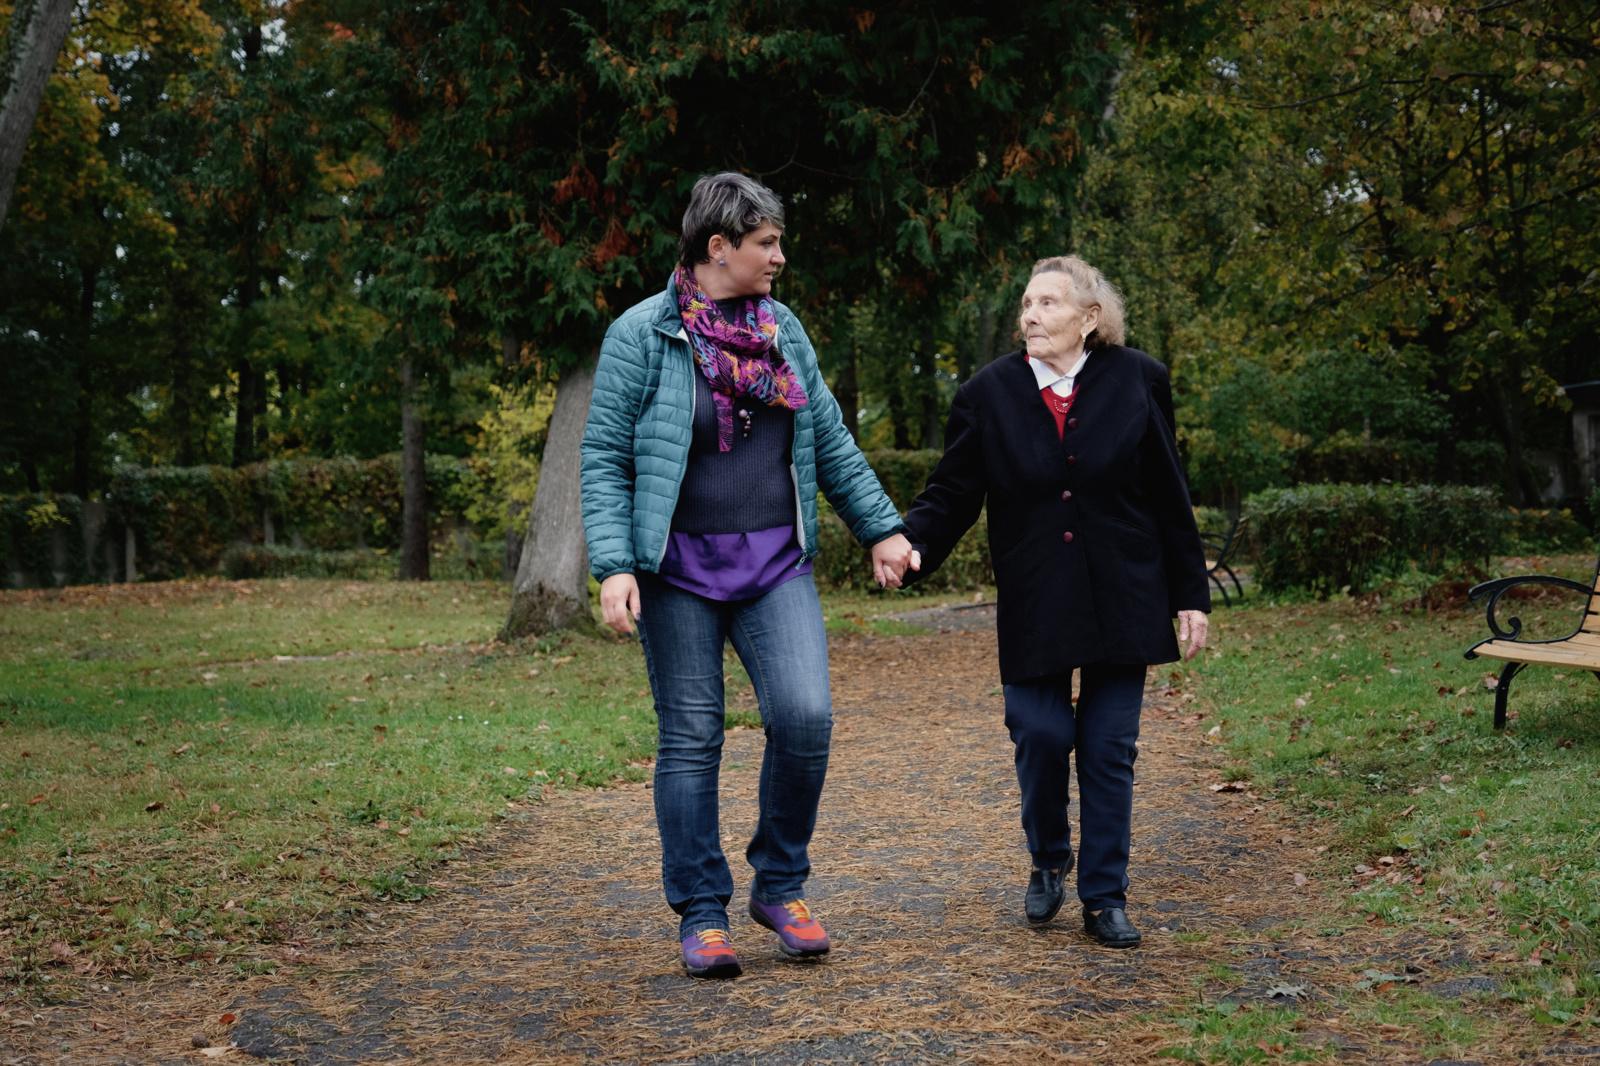 Atokvėpis slaugantiems - pagalba šiauliečiams, prižiūrintiems savo artimuosius